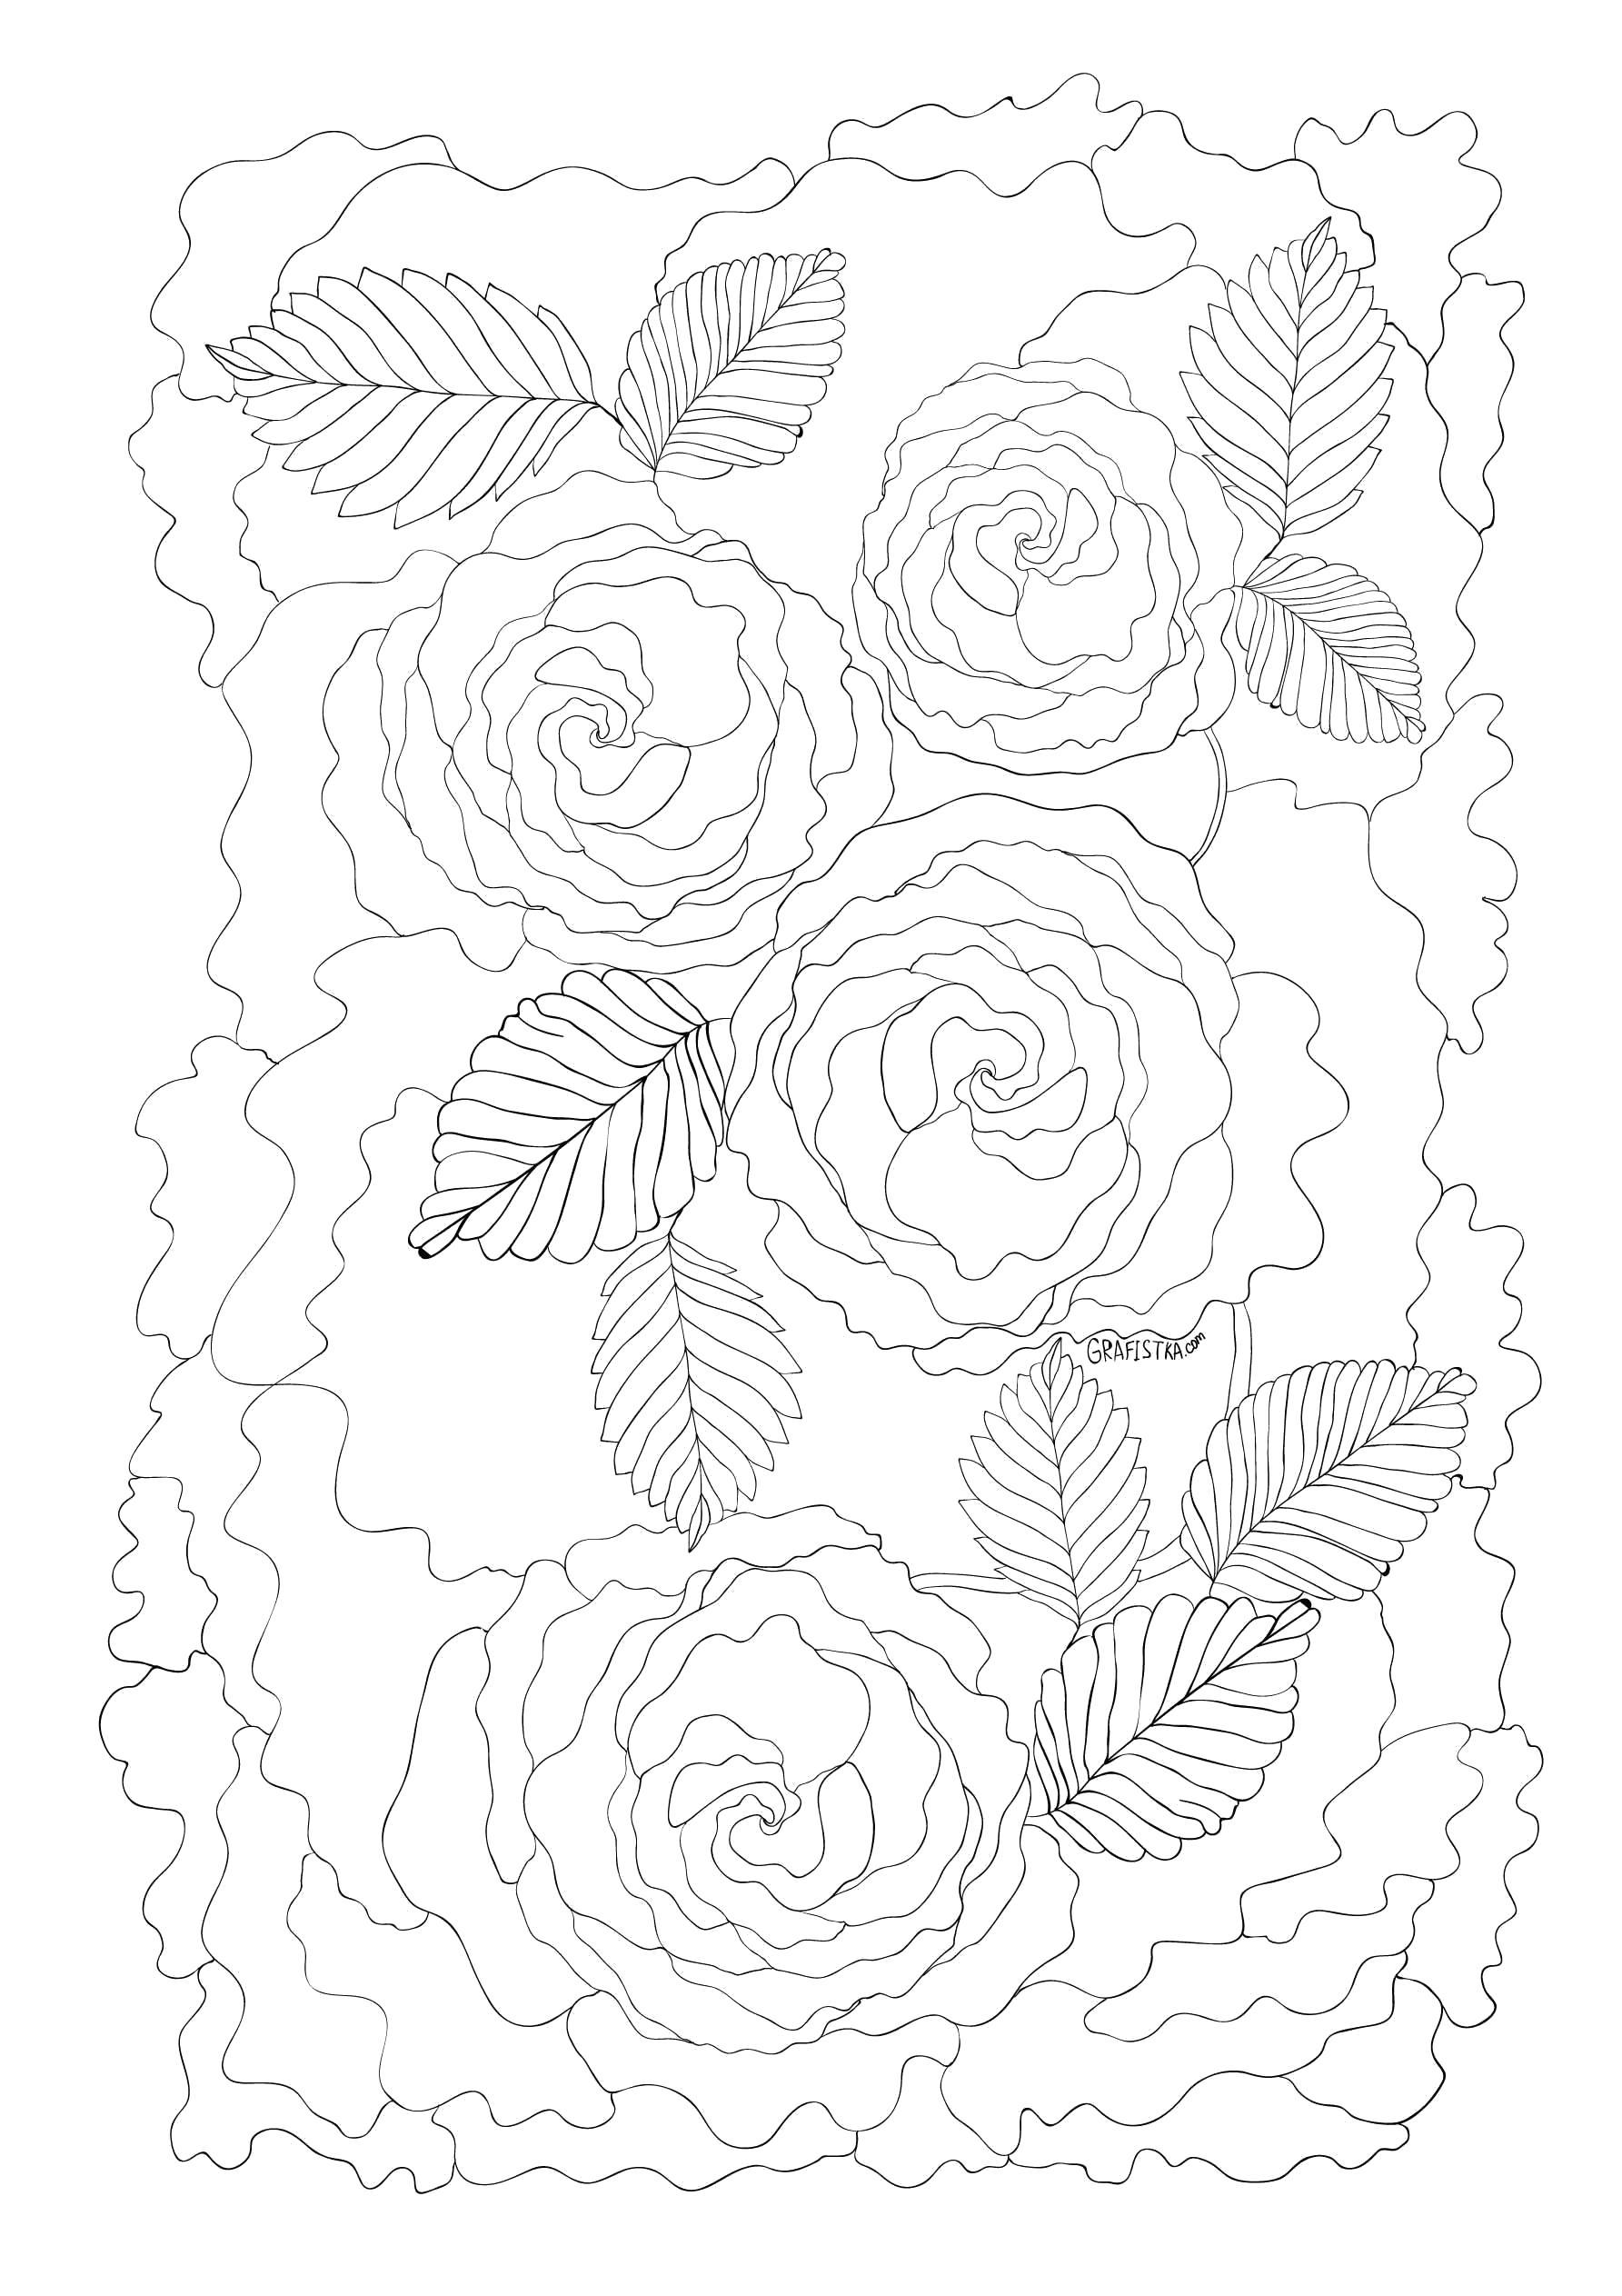 Раскраска Антистресс Идеальный антистресс или  для взрослых, розы  распечатать. Скачать для взрослых.  Распечатать для взрослых